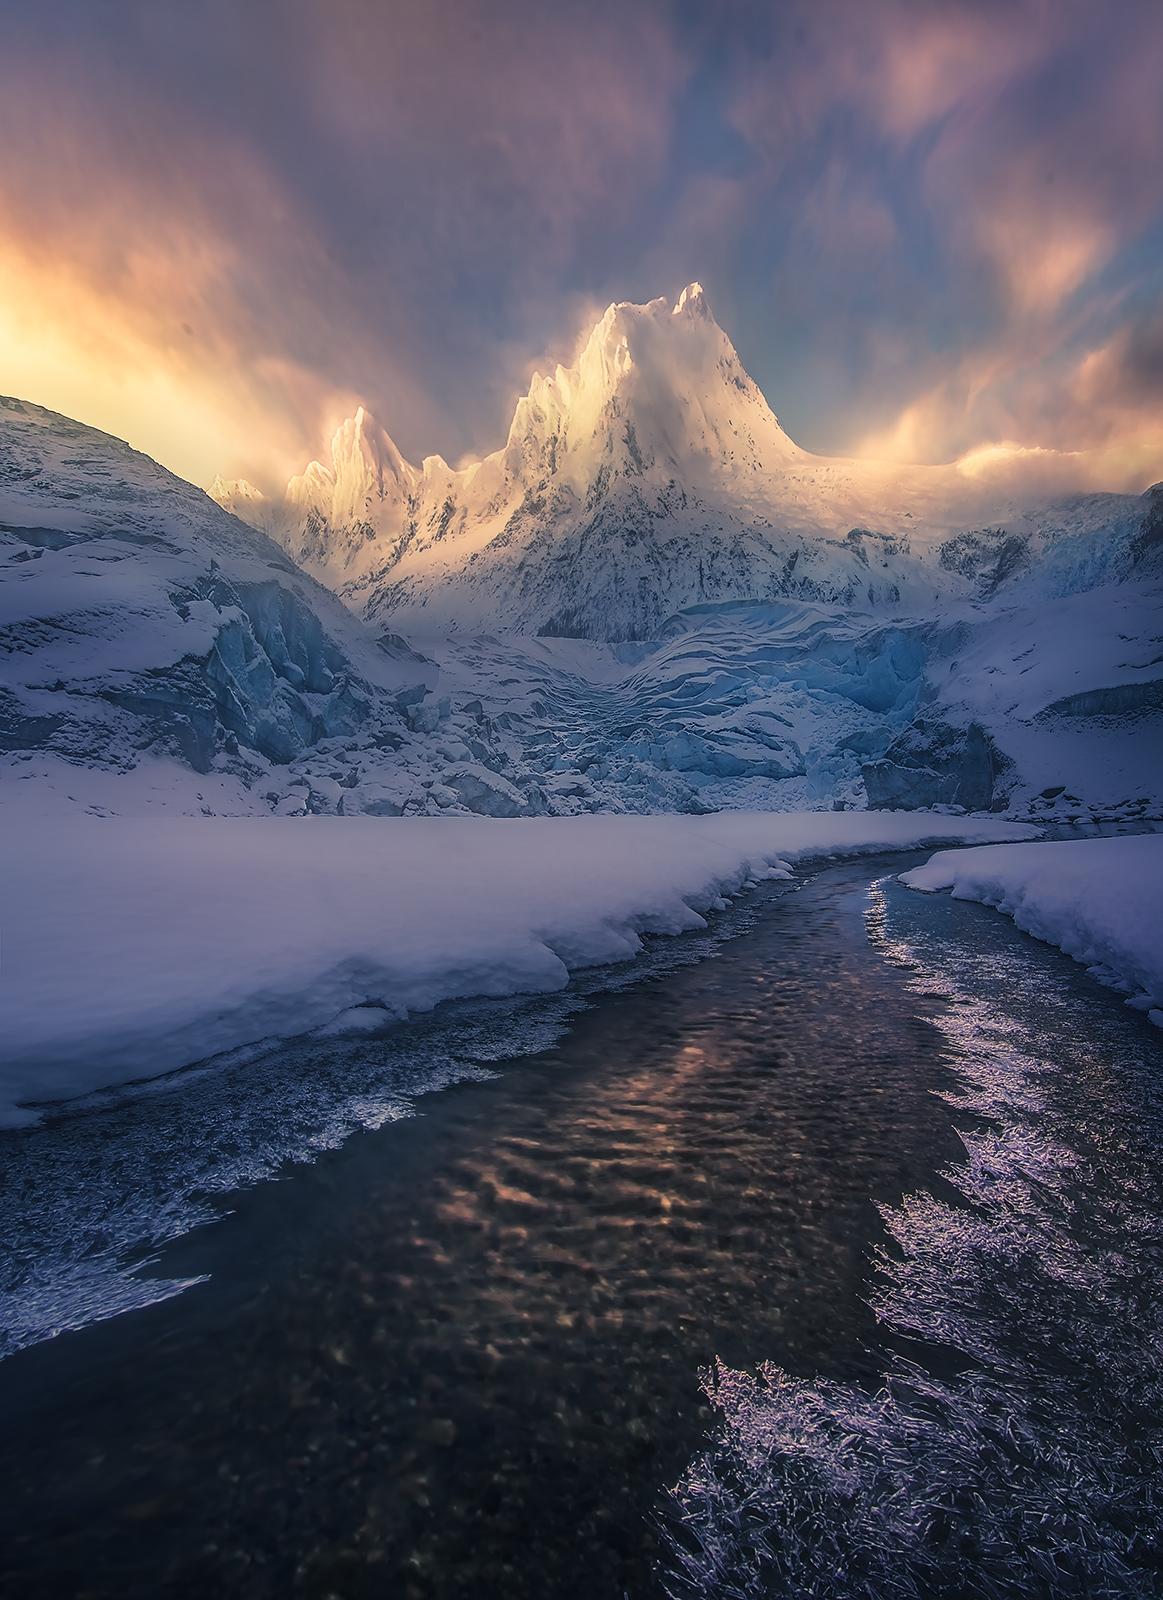 Alaska, Winter, Mountains, Coast Mountains, Glacial, Ice, Frozen, Cold, photo